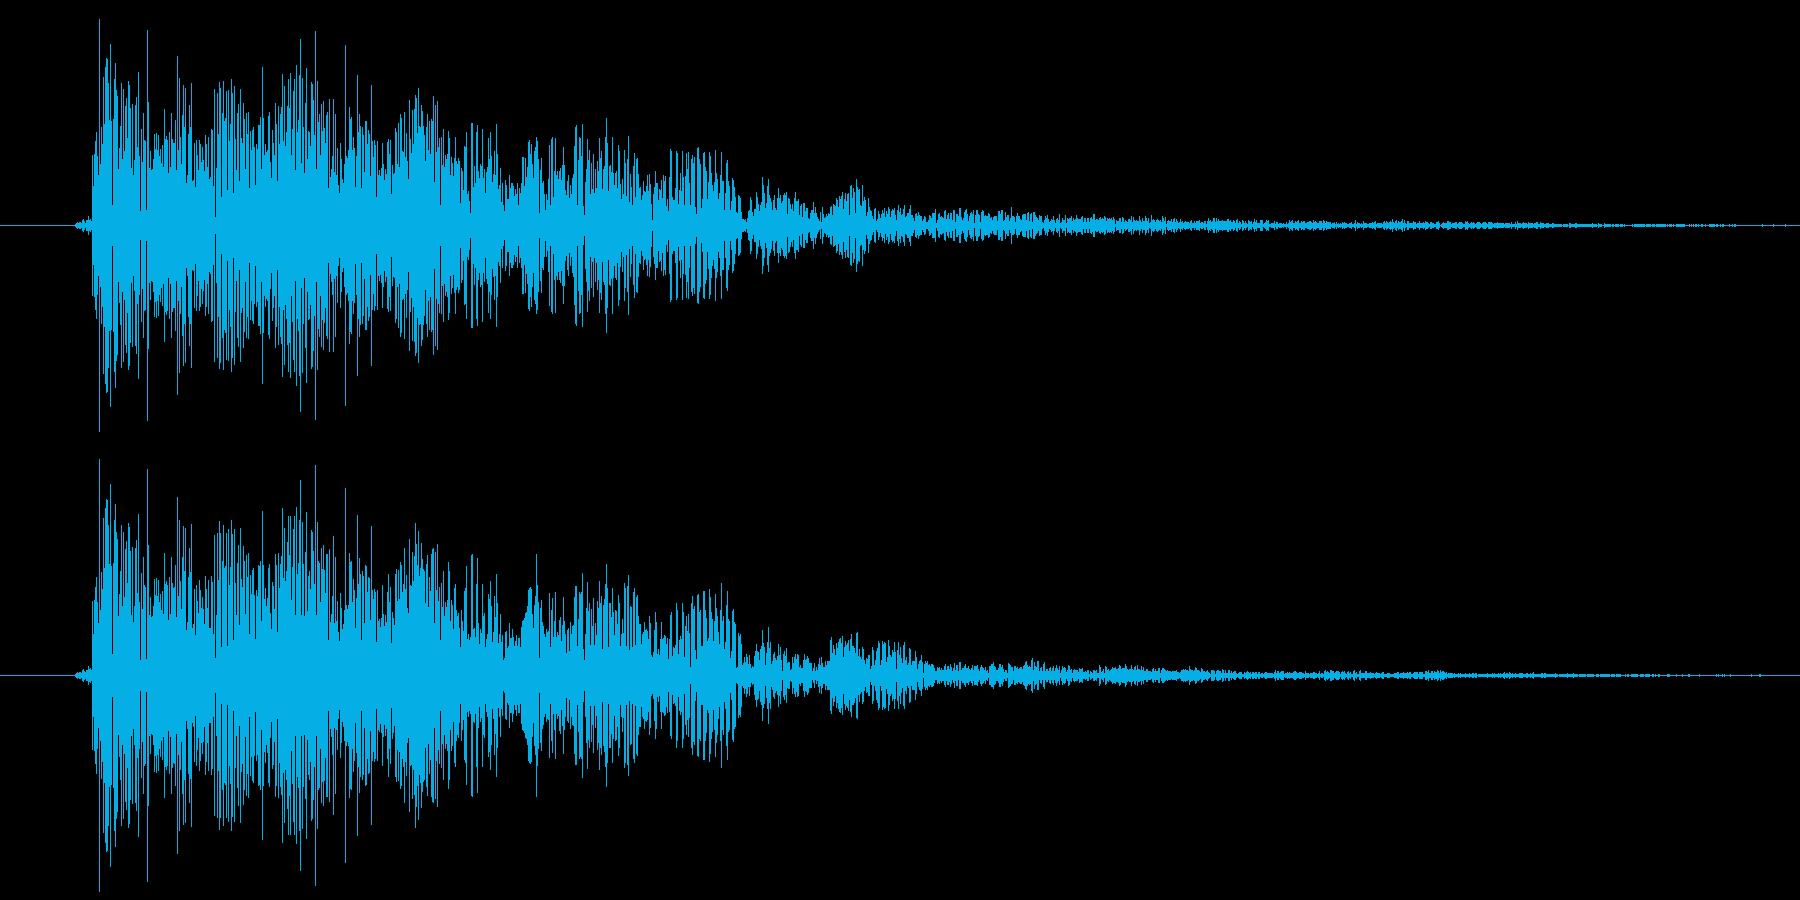 エラー音的な「ビョン」の再生済みの波形